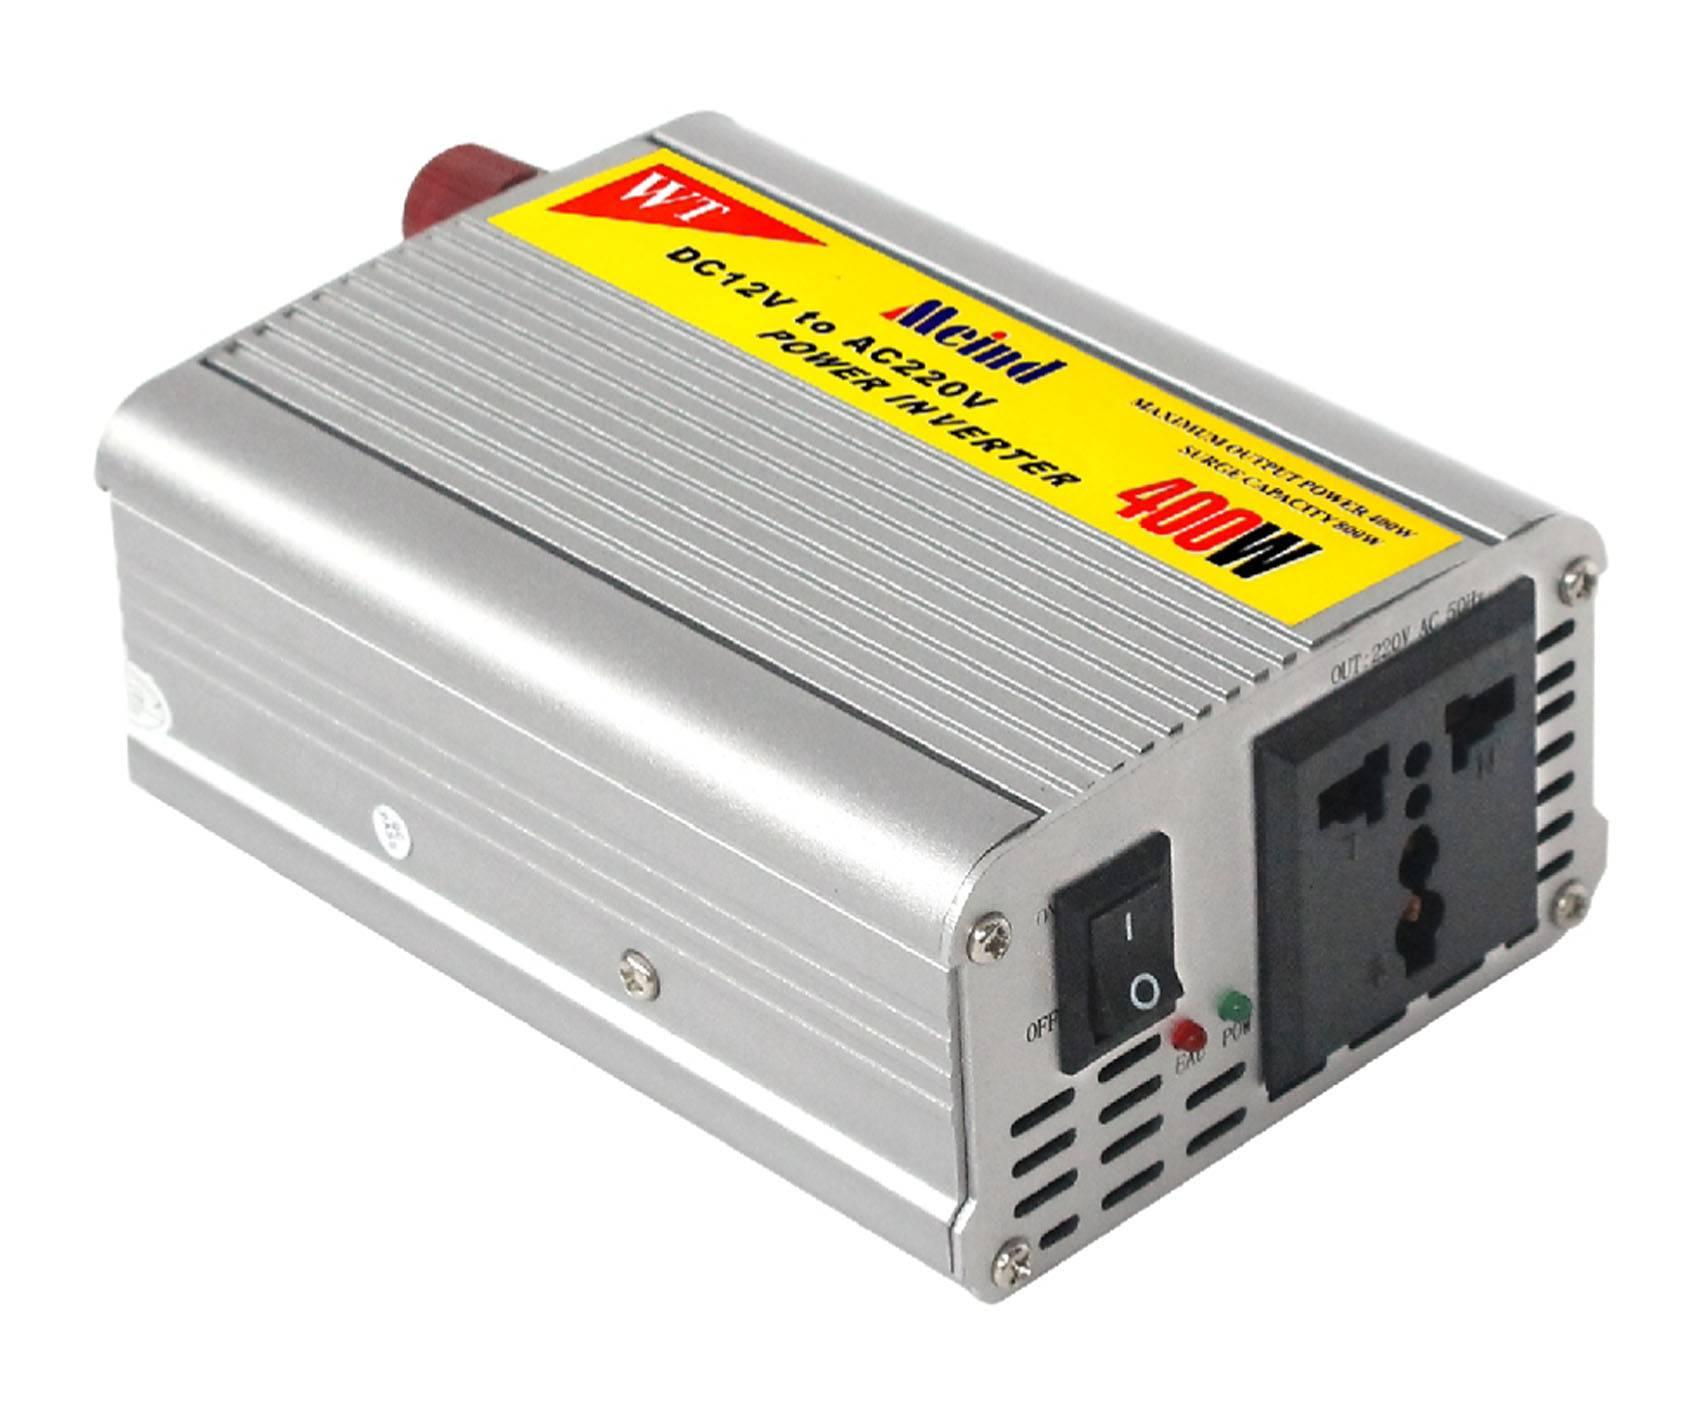 Meind supper light weight 200W/300W/400W car power inverter